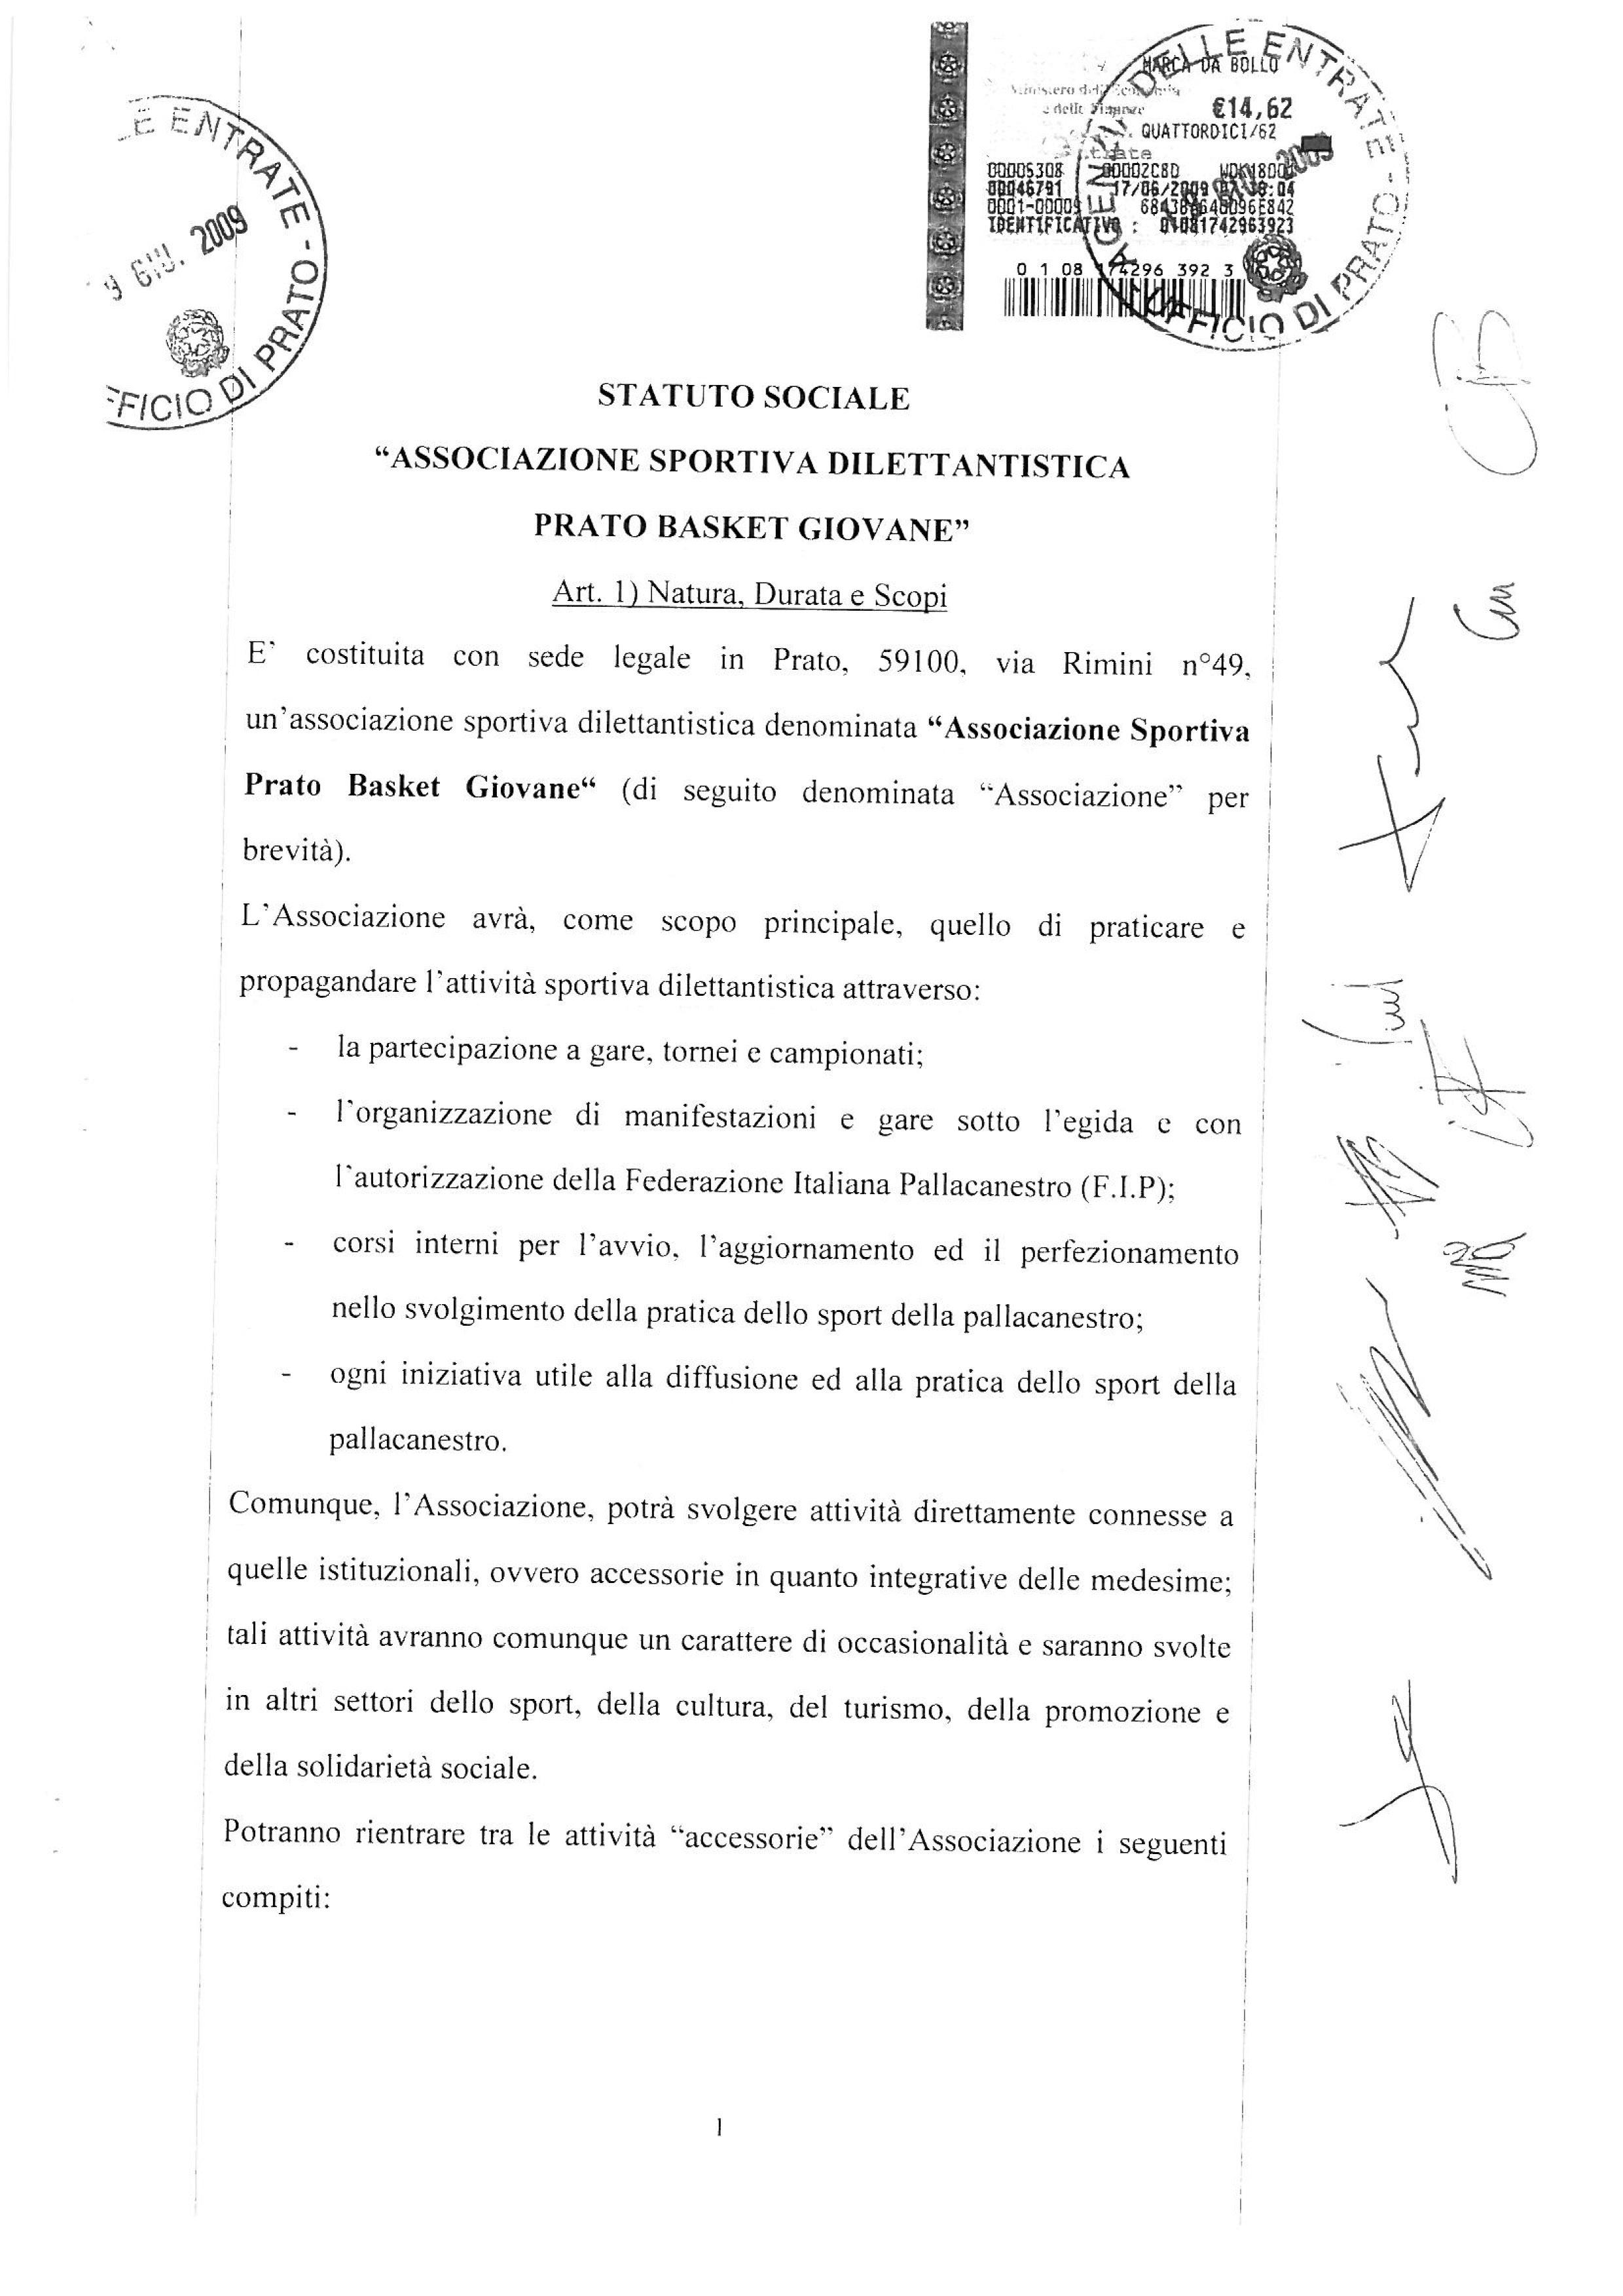 Statuto5